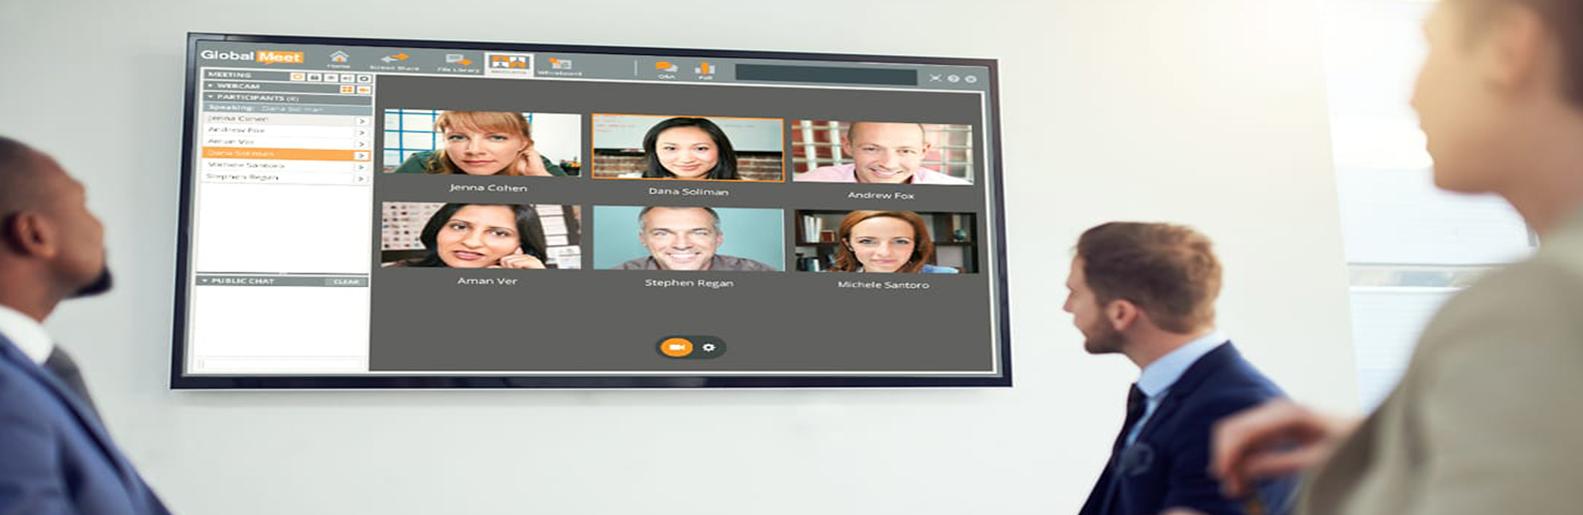 Skype for business banner